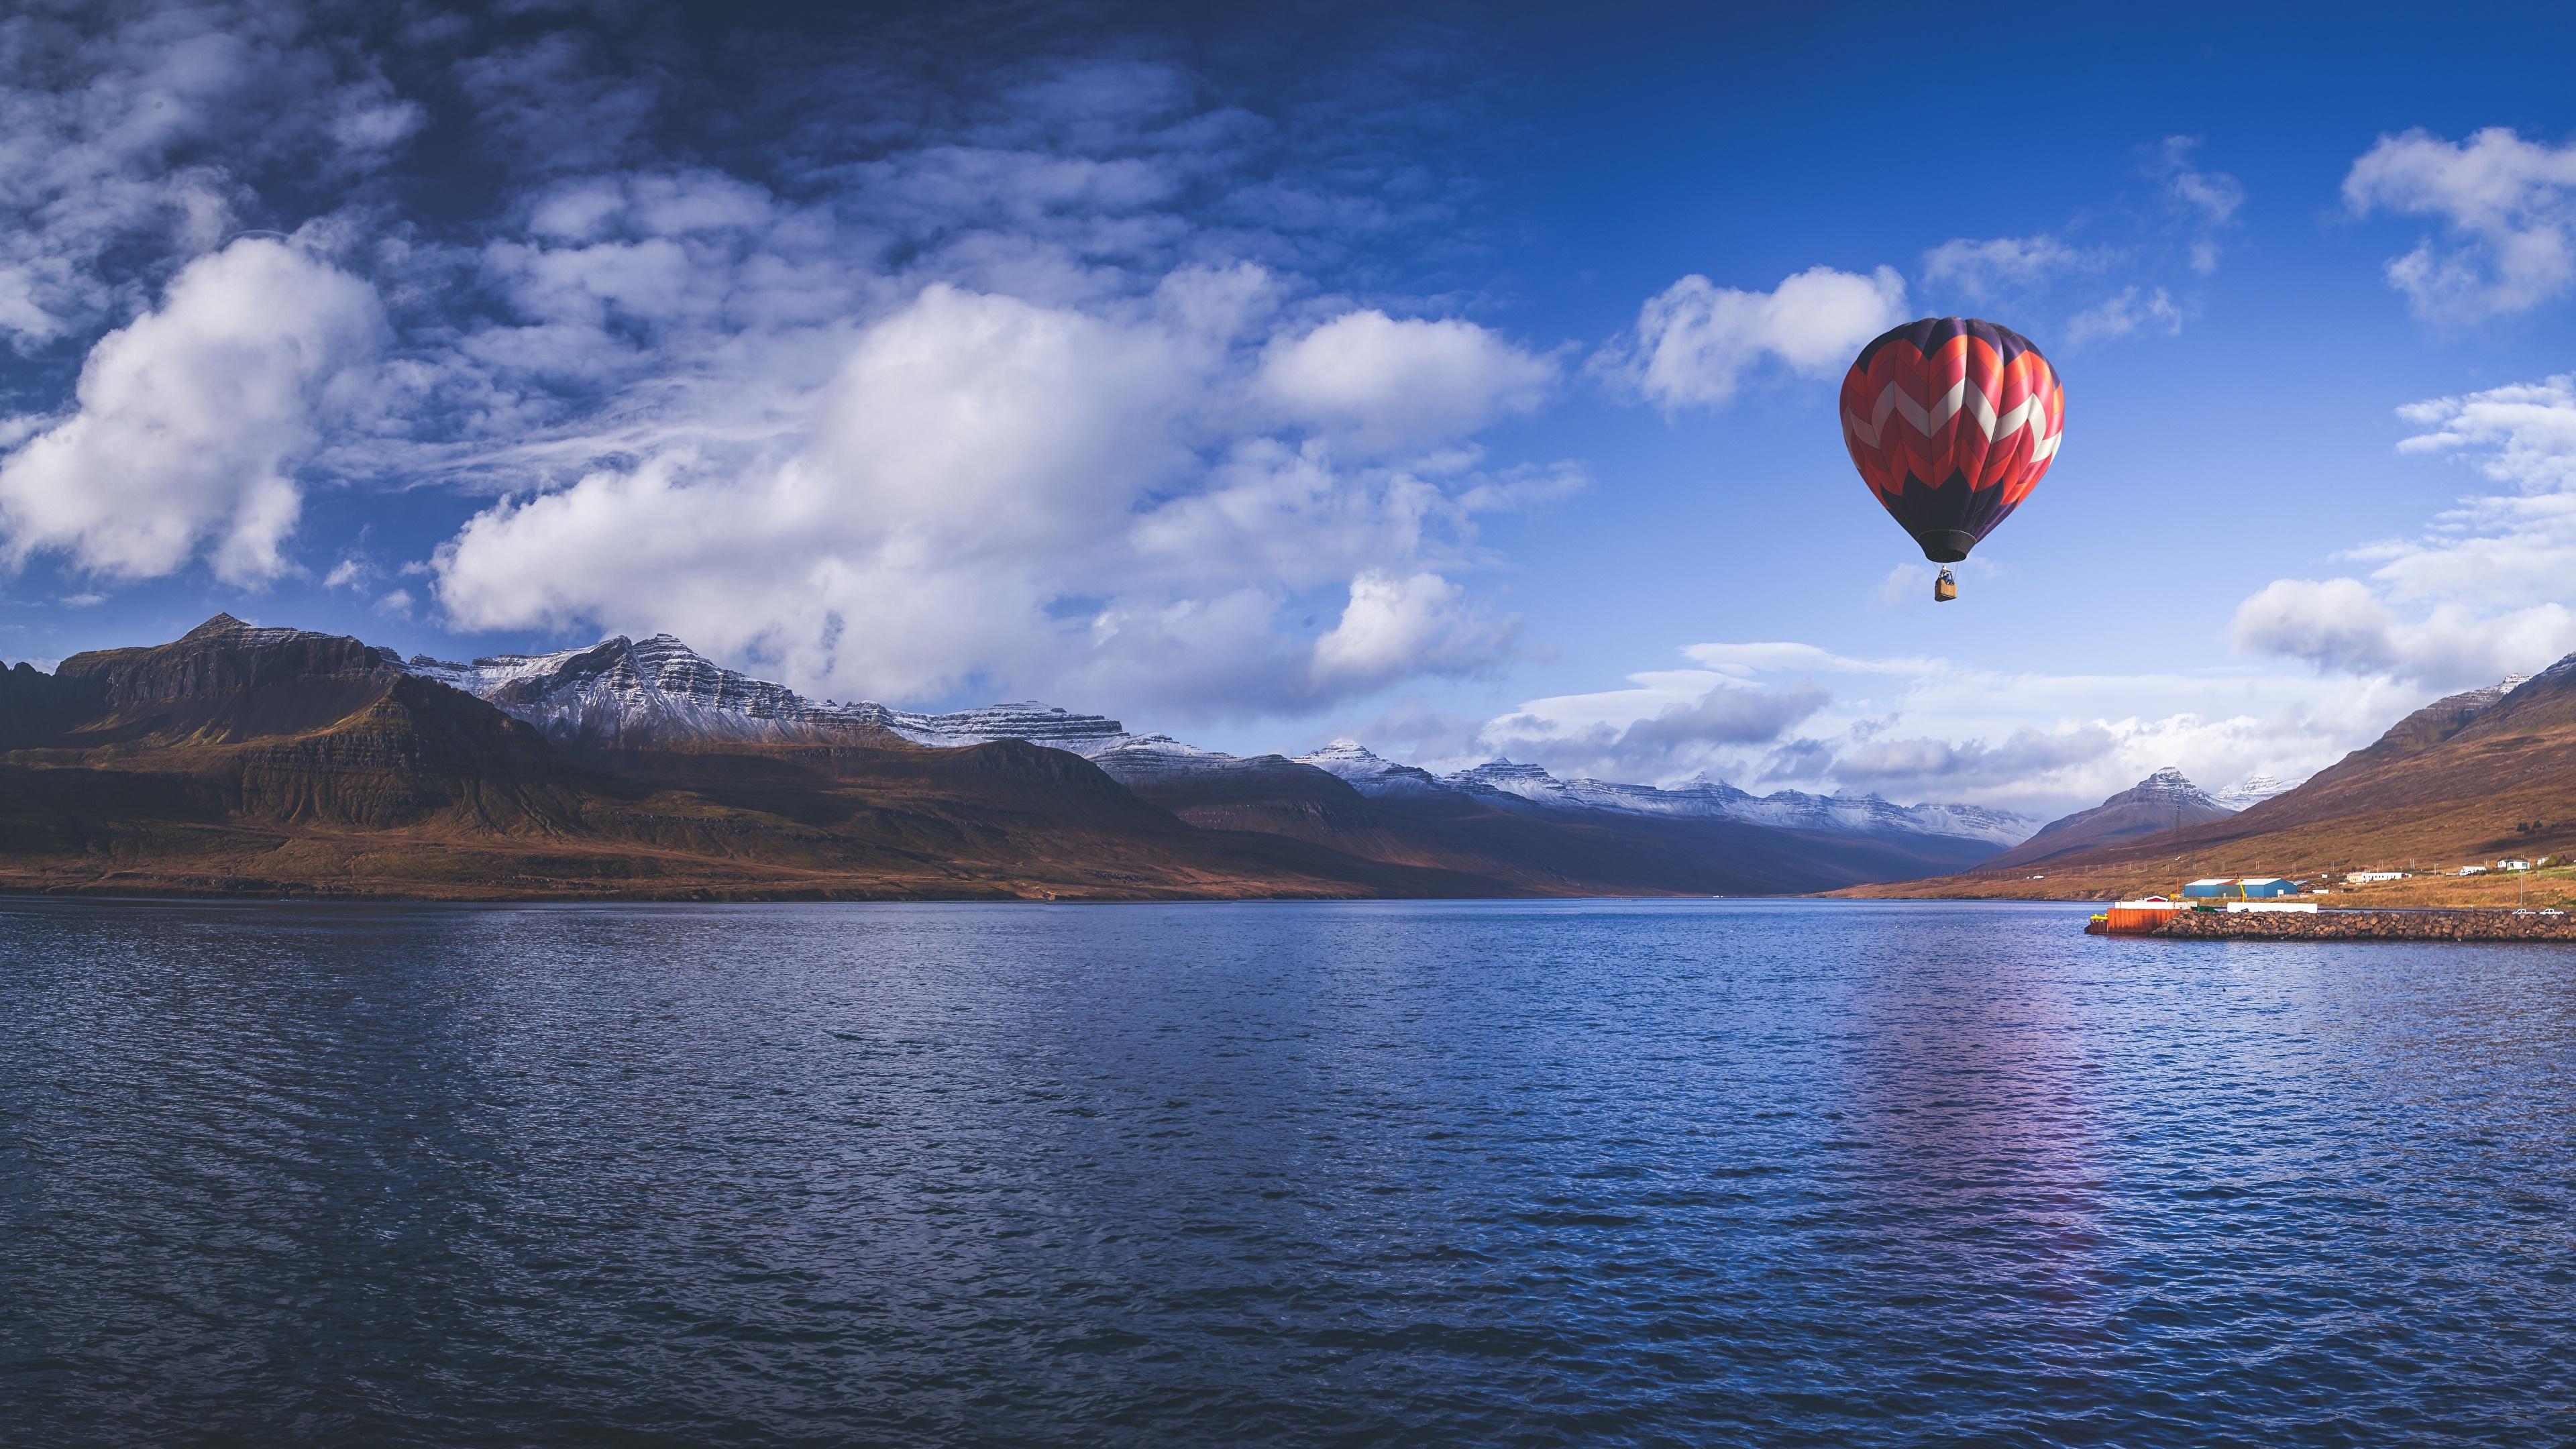 природа горы воздушный шар бесплатно